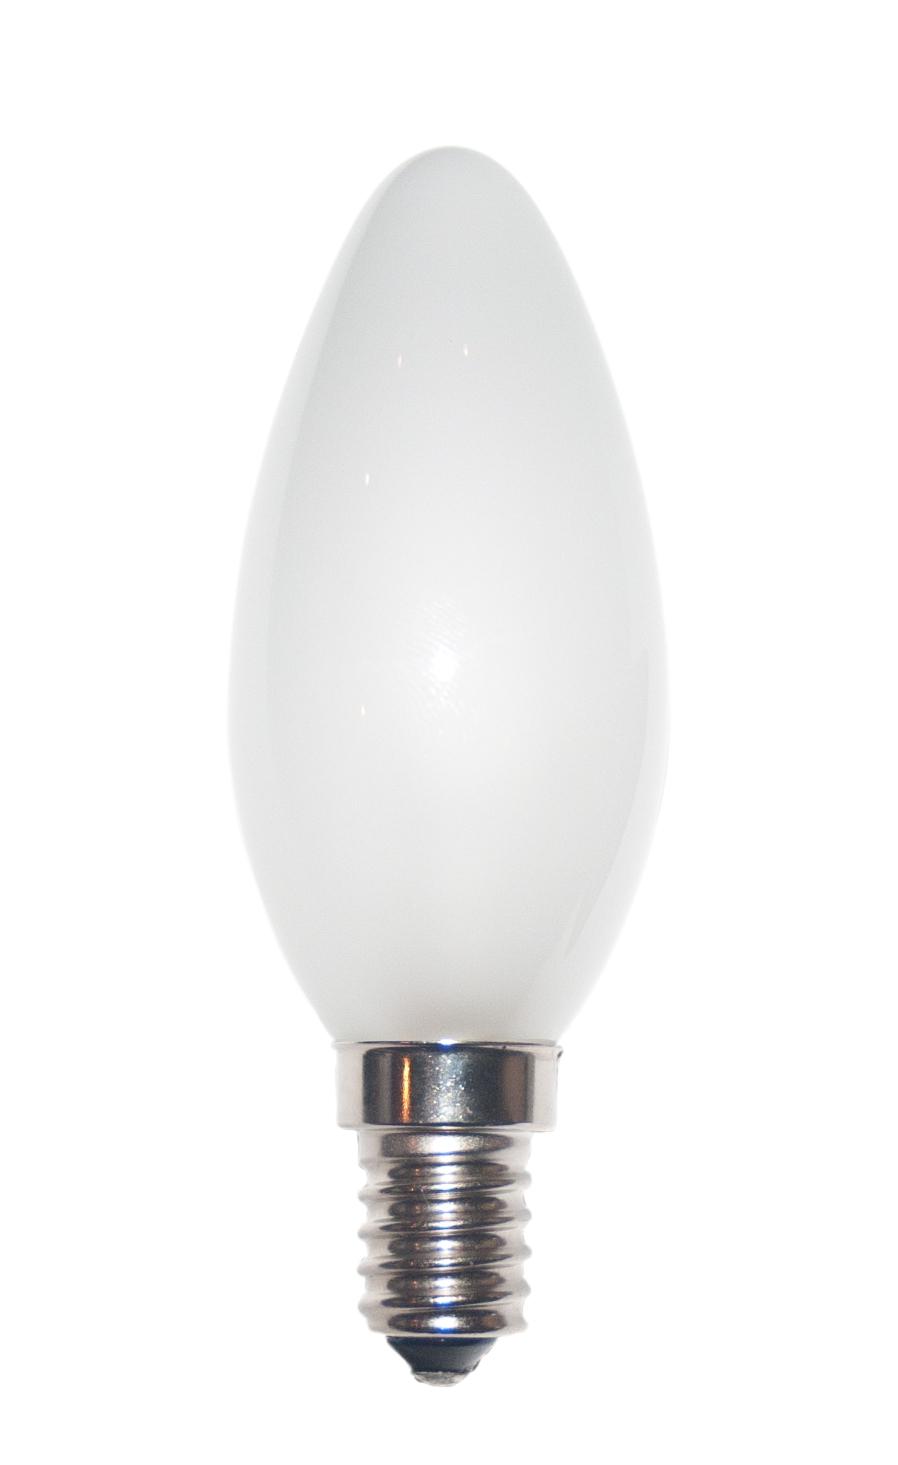 Kerzenlampe C35x100 230V 25W E-14 matt (RC) (EEK: E)